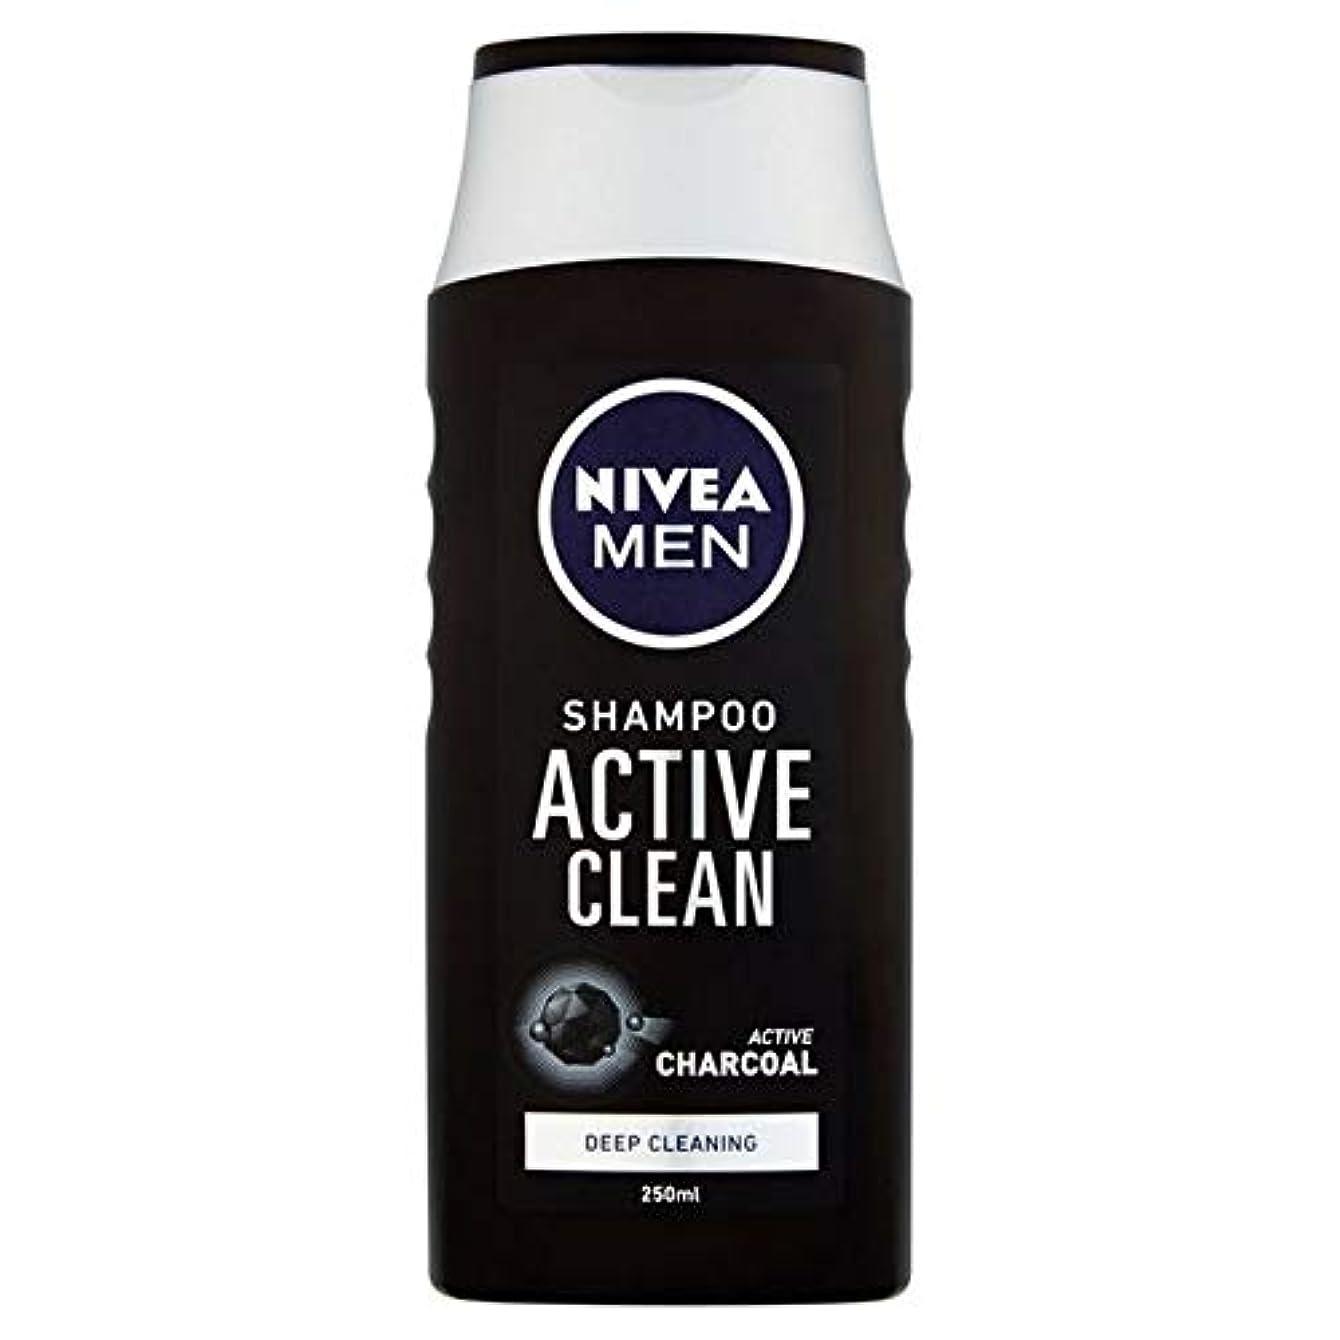 呪い夢中傑作[Nivea ] ニベア男性はアクティブクリーン250ミリリットルシャンプー - NIVEA MEN Shampoo Active Clean 250ml [並行輸入品]